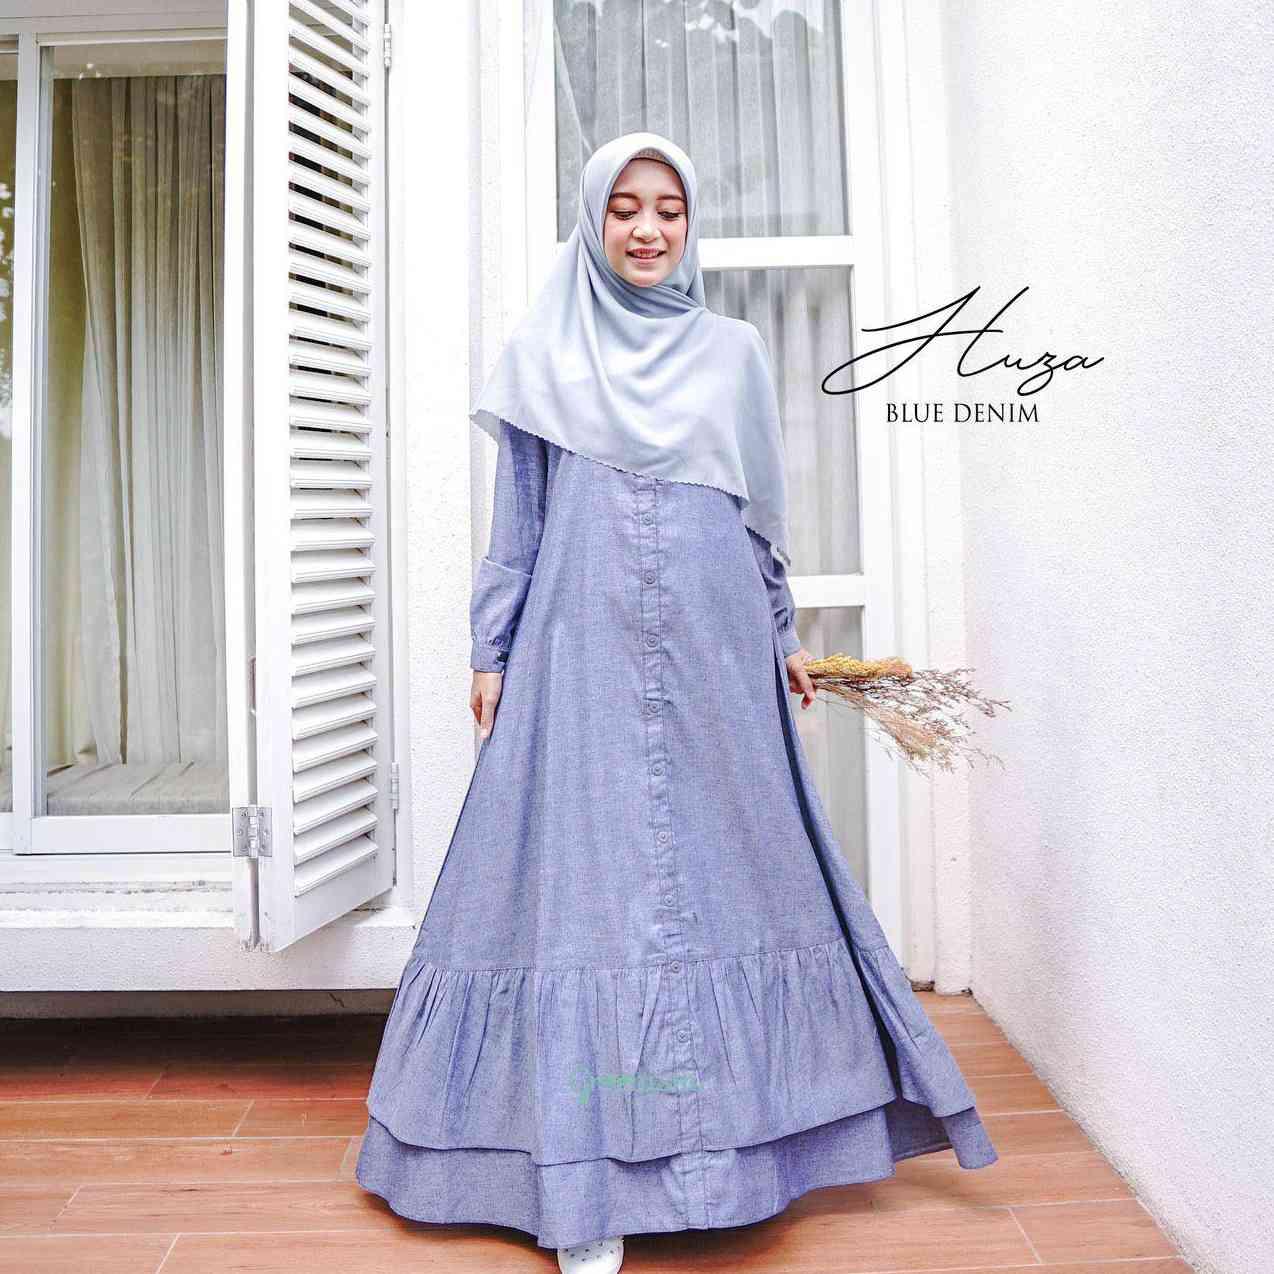 Gerai Olive Hijab Huza Dress By Greenism